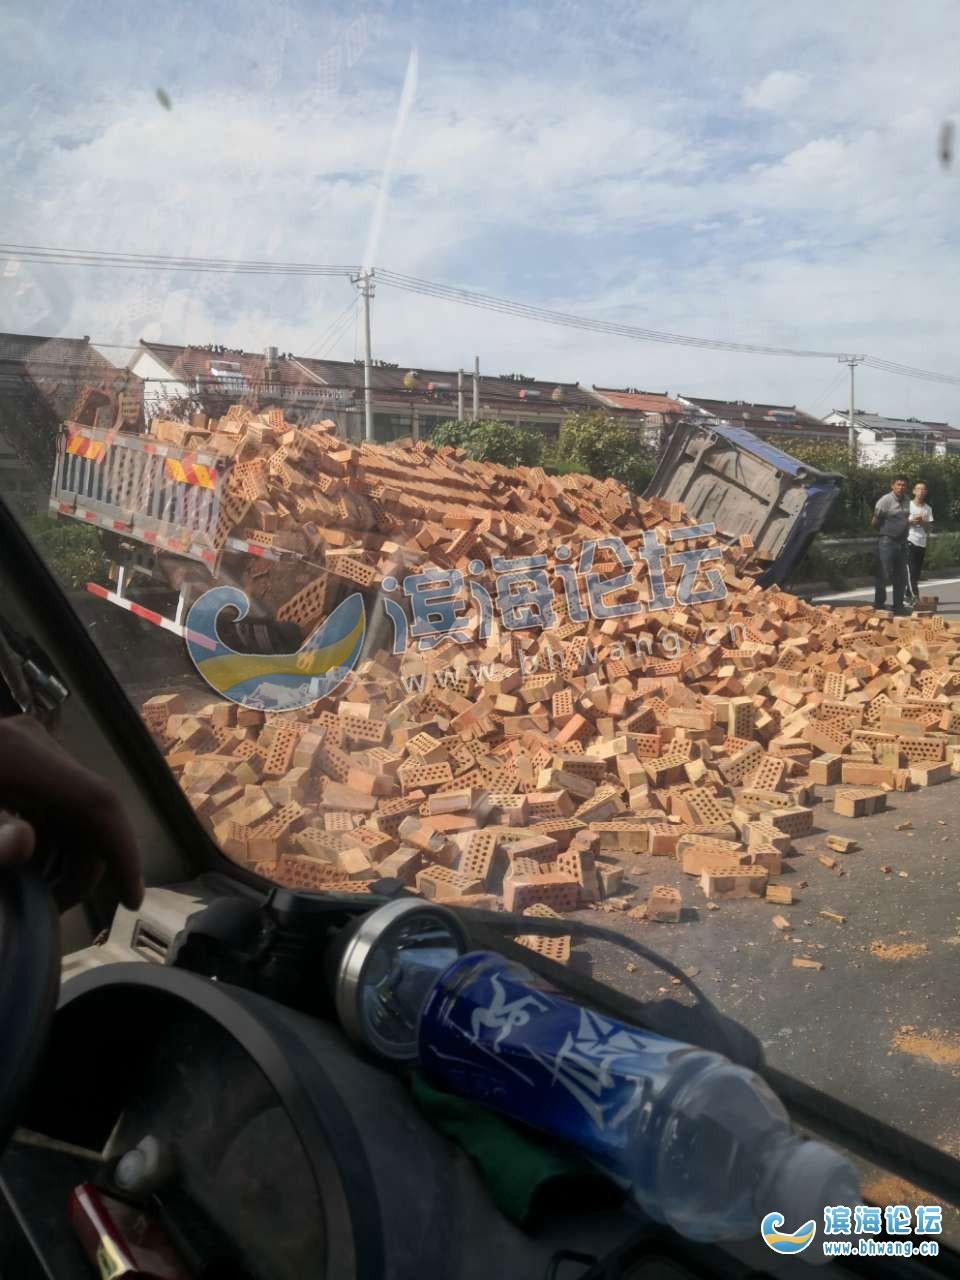 S327九公里后边,拉砖头货车侧翻,车辆损毁严重